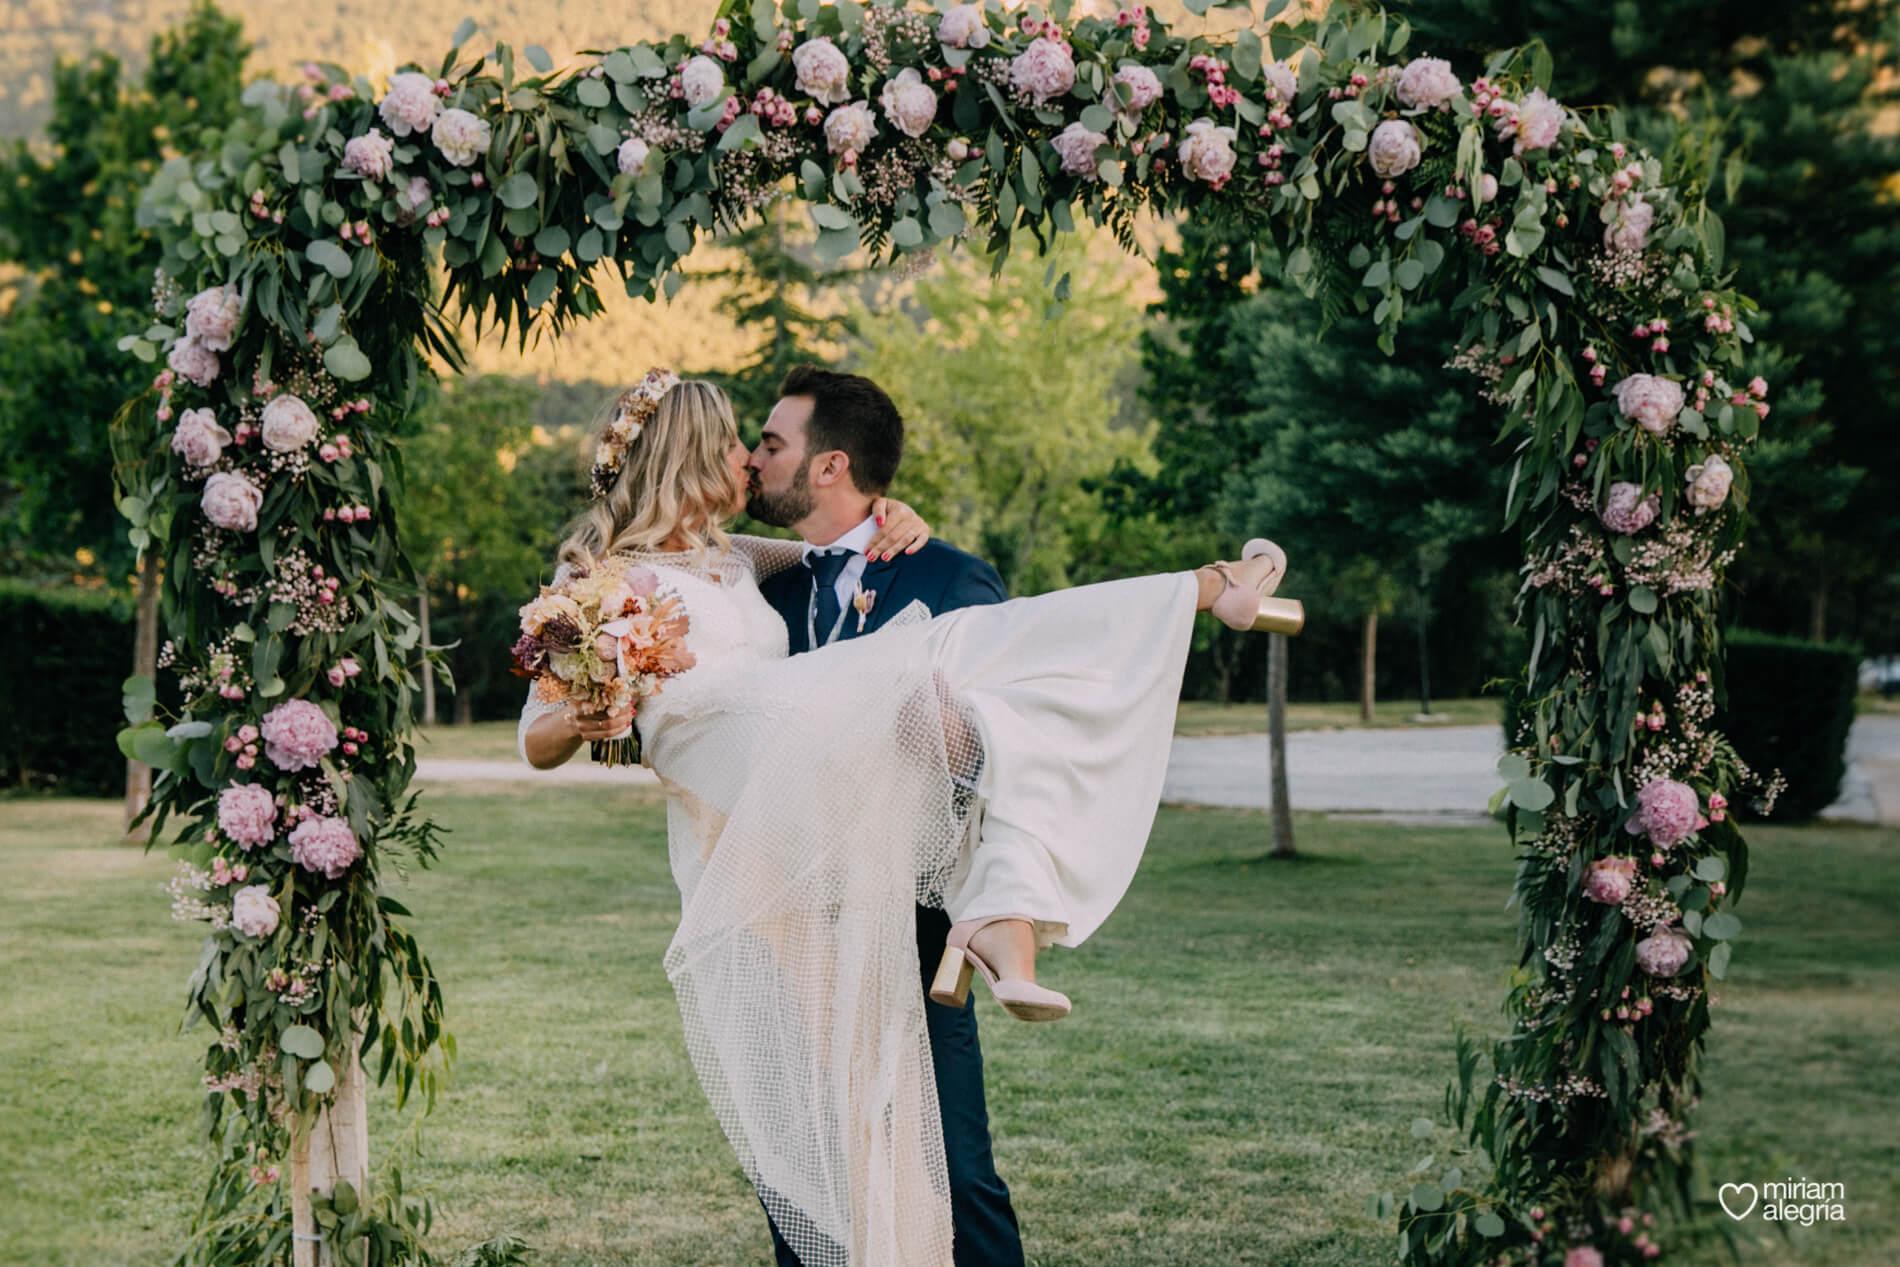 boda-en-collados-miriam-alegria-cayetana-ferrer-79